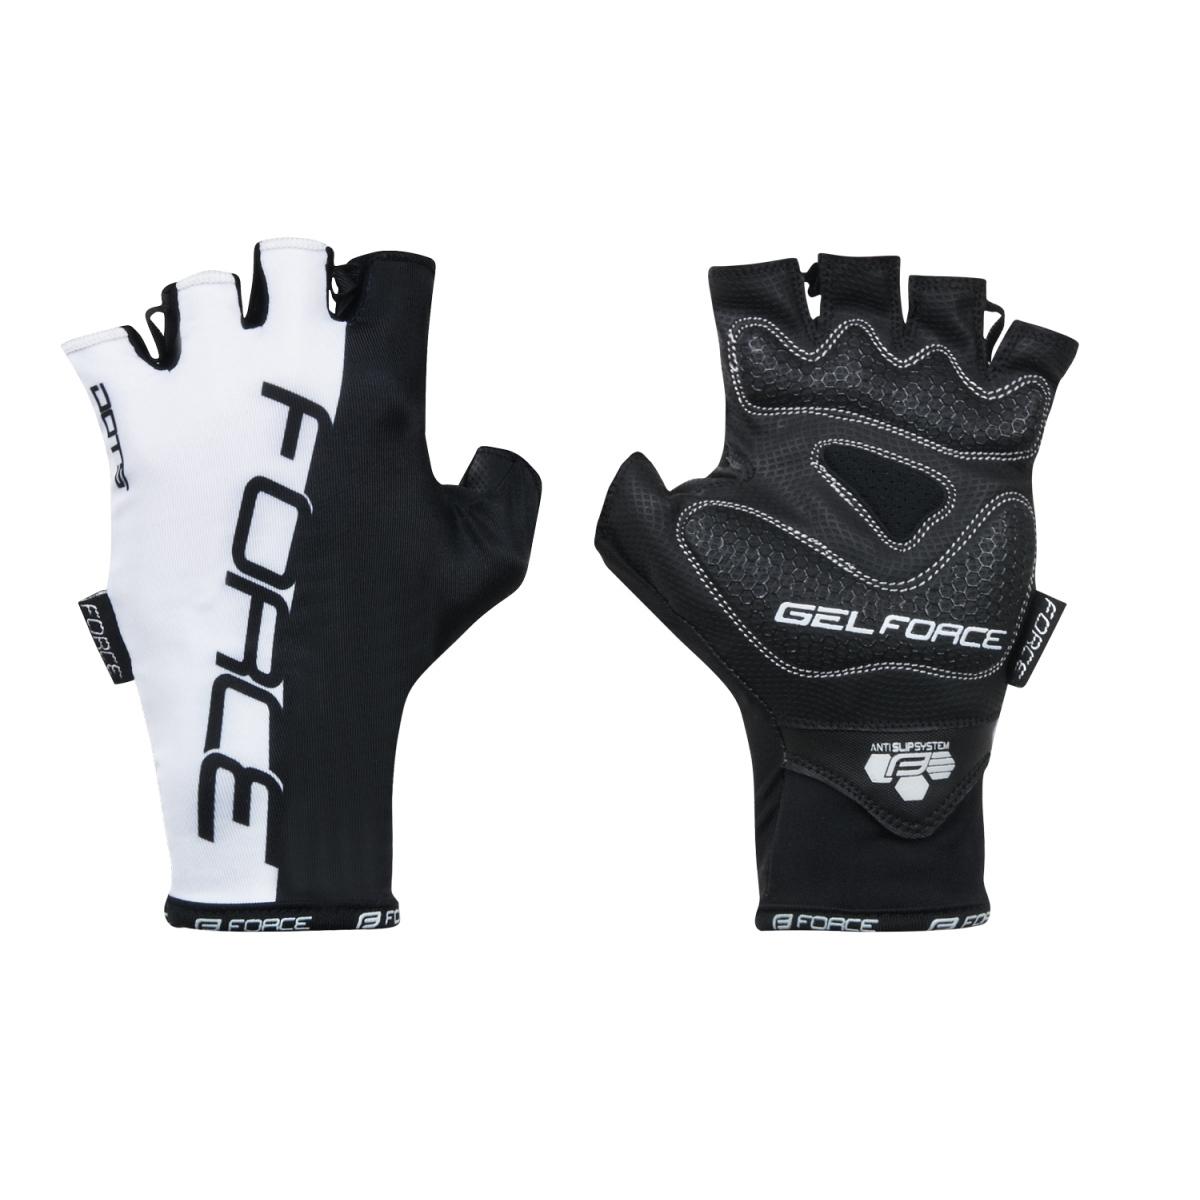 Force rukavice Dots bez zapínání, bílo-černé XL